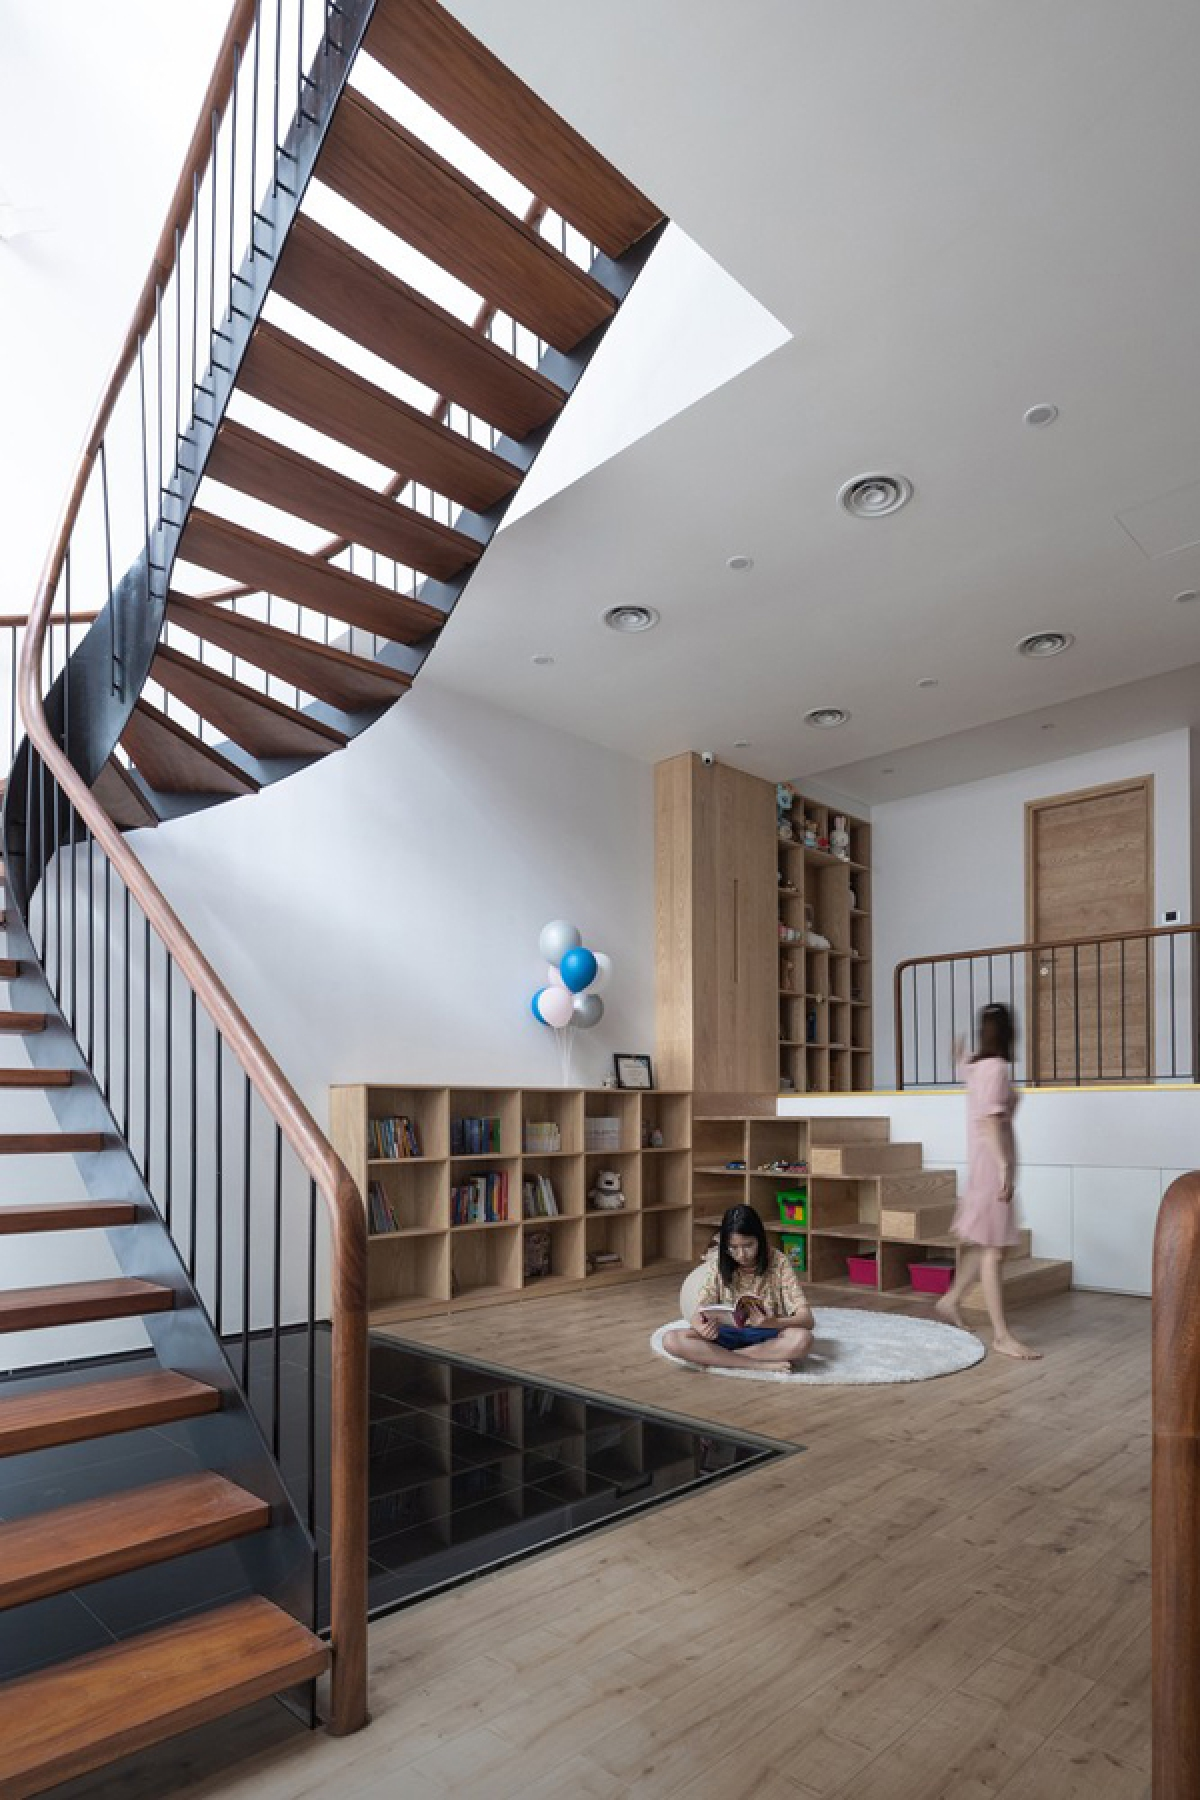 Tầng 2 là không gian của những đứa trẻ với hai phòng ngủ. Điều thú vị là cầu thang dài từ tầng dưới lên dừng lại ở đây và tiếp nối là một cầu thang mới ở vị trí khác uốn lượn đi trên mặt nước. Cạnh đó là không gian sinh hoạt, chơi đùa của lũ trẻ.